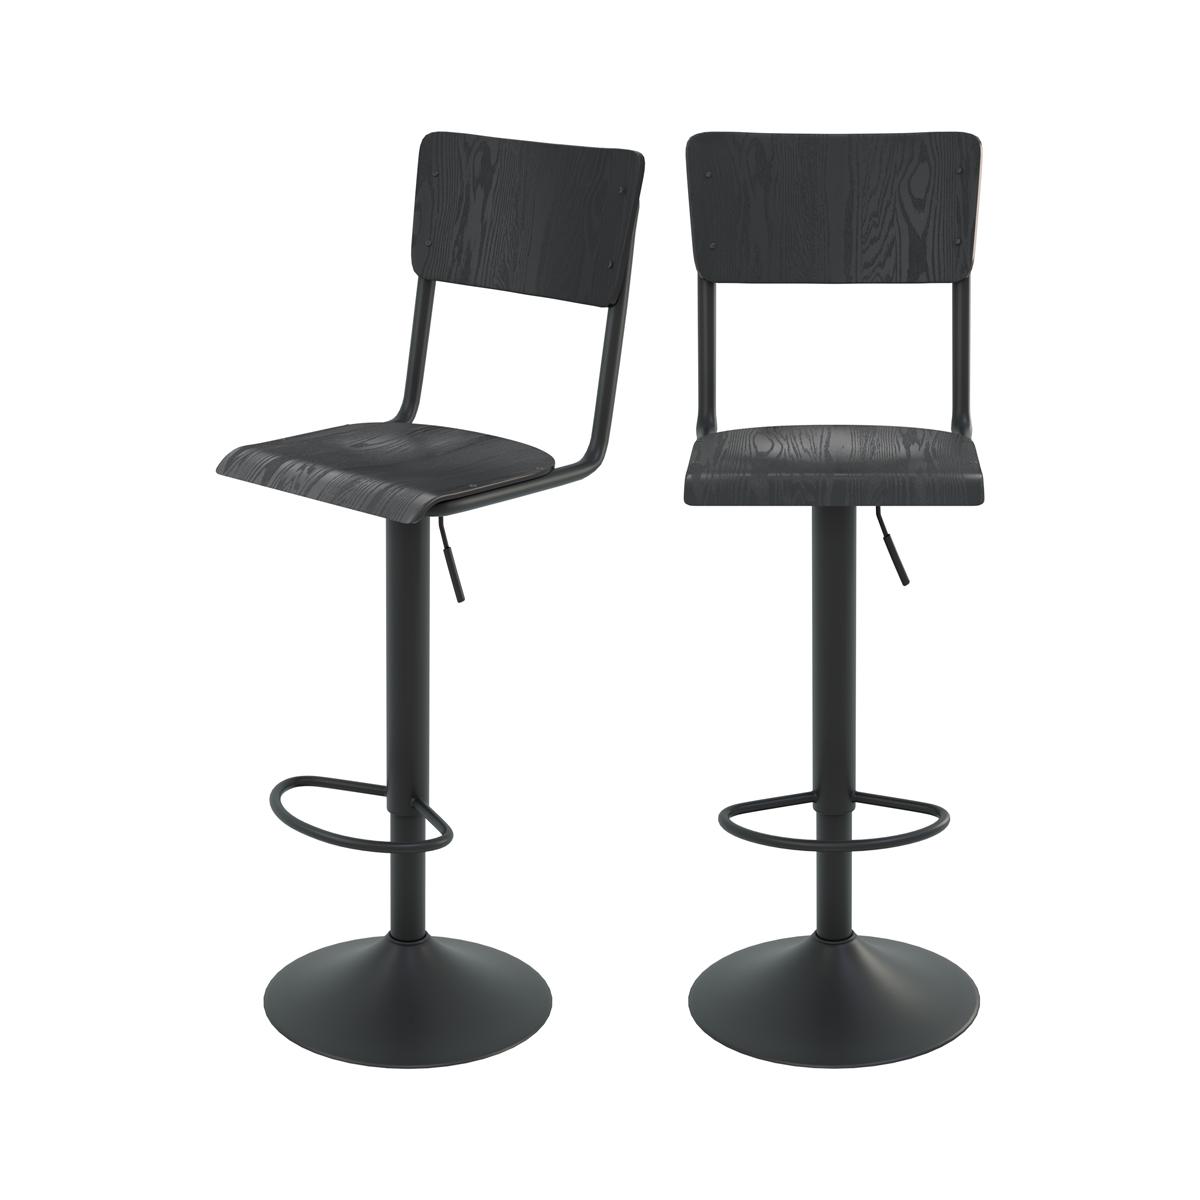 Chaise de bar réglable 60/80 cm en bois noir (lot de 2)